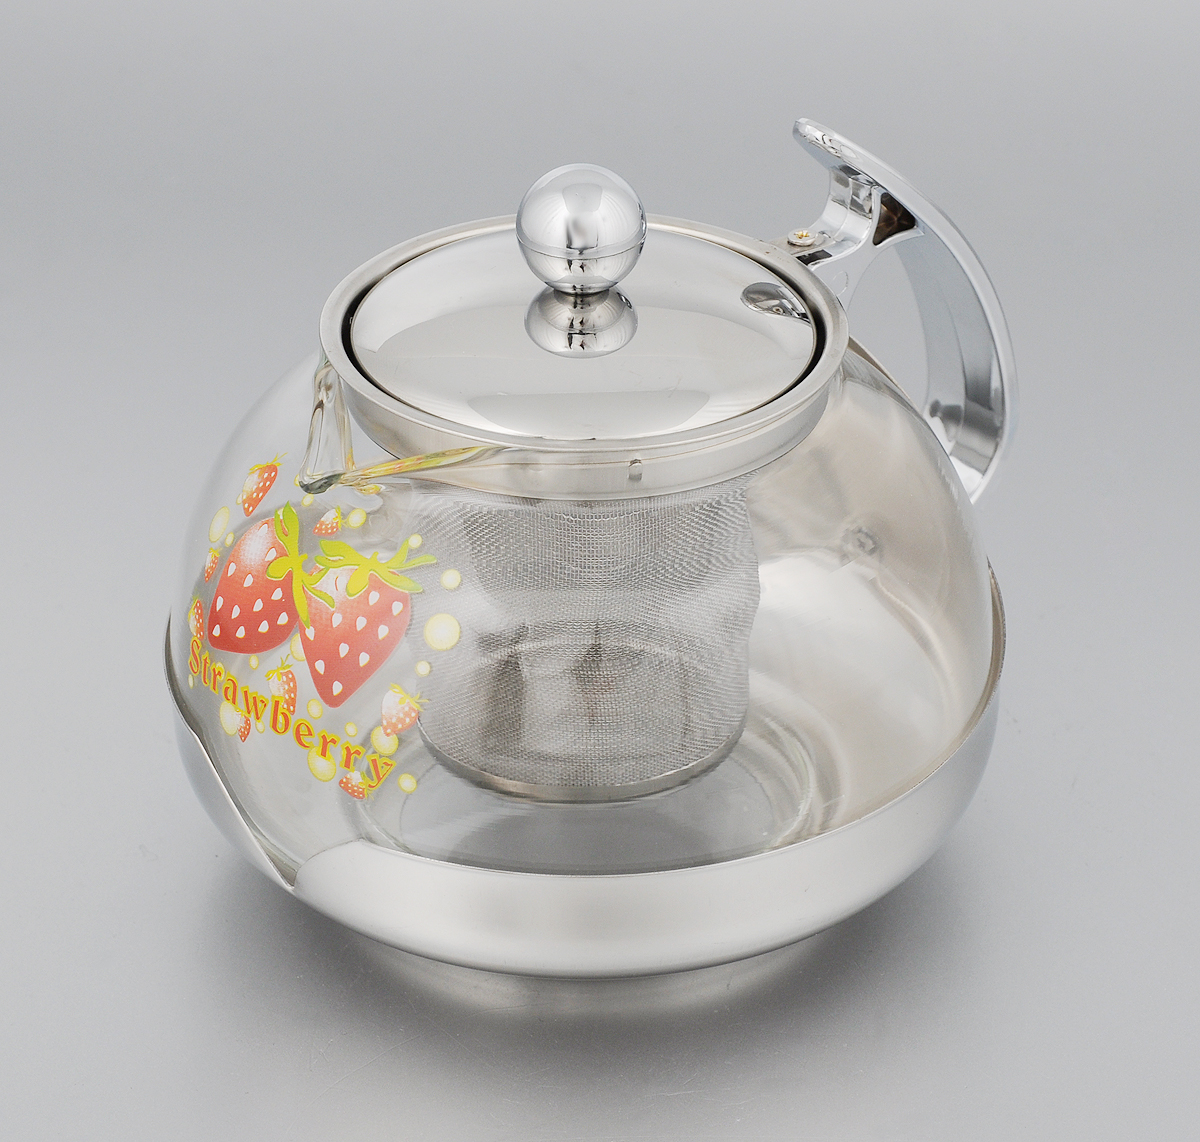 Чайник заварочный Mayer & Boch Клубника, с фильтром, 700 мл2023_клубникаИзящный и современный стиль чайника Mayer & Boch Клубника прекрасноподчеркнет декор любойкухни. Стеклянный корпус и съемный фильтр из нержавеющей стали позволяютбыстро и легкоочистить чайник. Может быть использован для подачи как горячих, так ихолодных напитков.Простой и удобный чайник Mayer & Boch Клубника послужит великолепнымподарком для любителейчая. Диаметр чайника (по верхнему краю): 8 см. Высота чайника (без учета крышки): 9,5 см. Высота фильтра: 6 см.